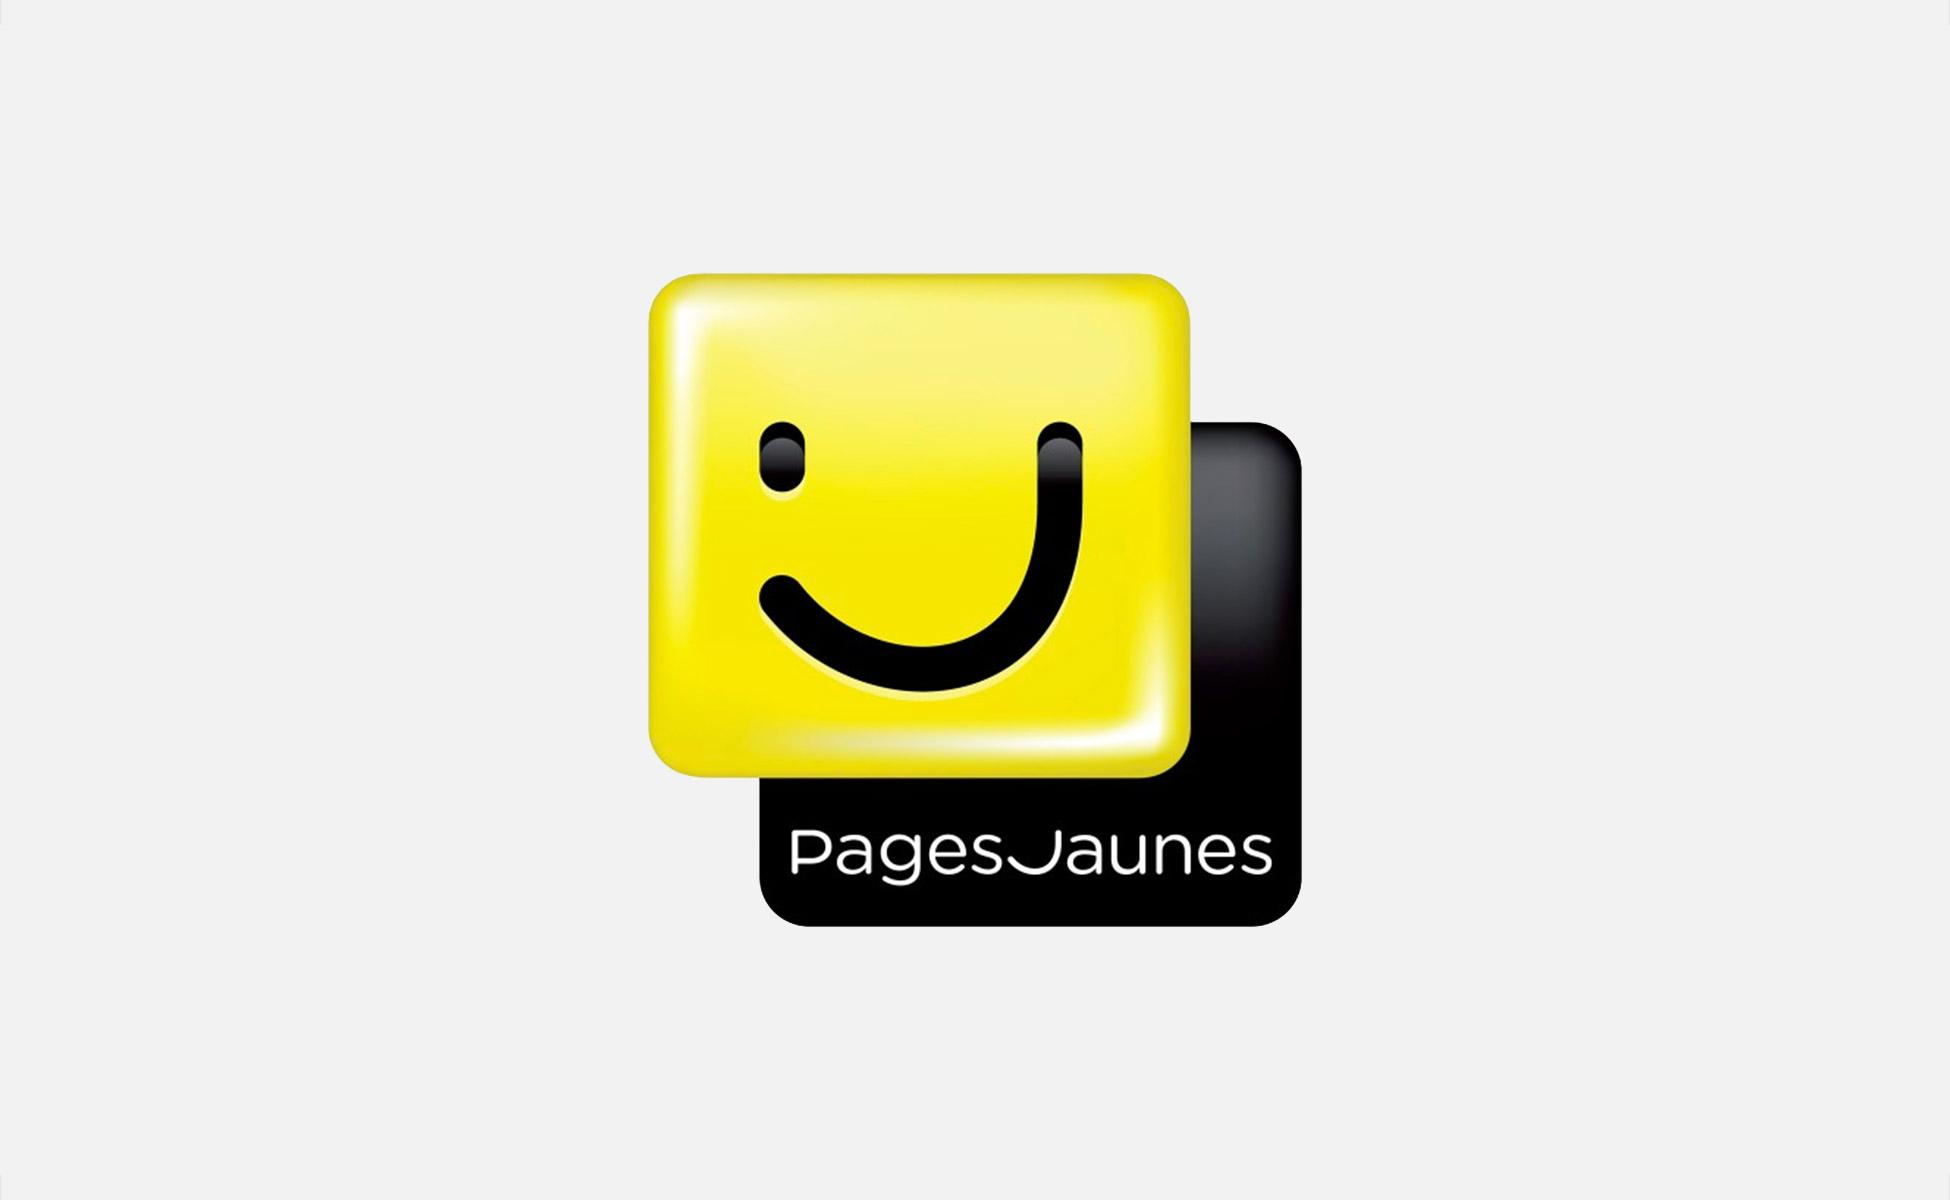 nouveau sourire pour le logo des pages jaunes graph ine. Black Bedroom Furniture Sets. Home Design Ideas